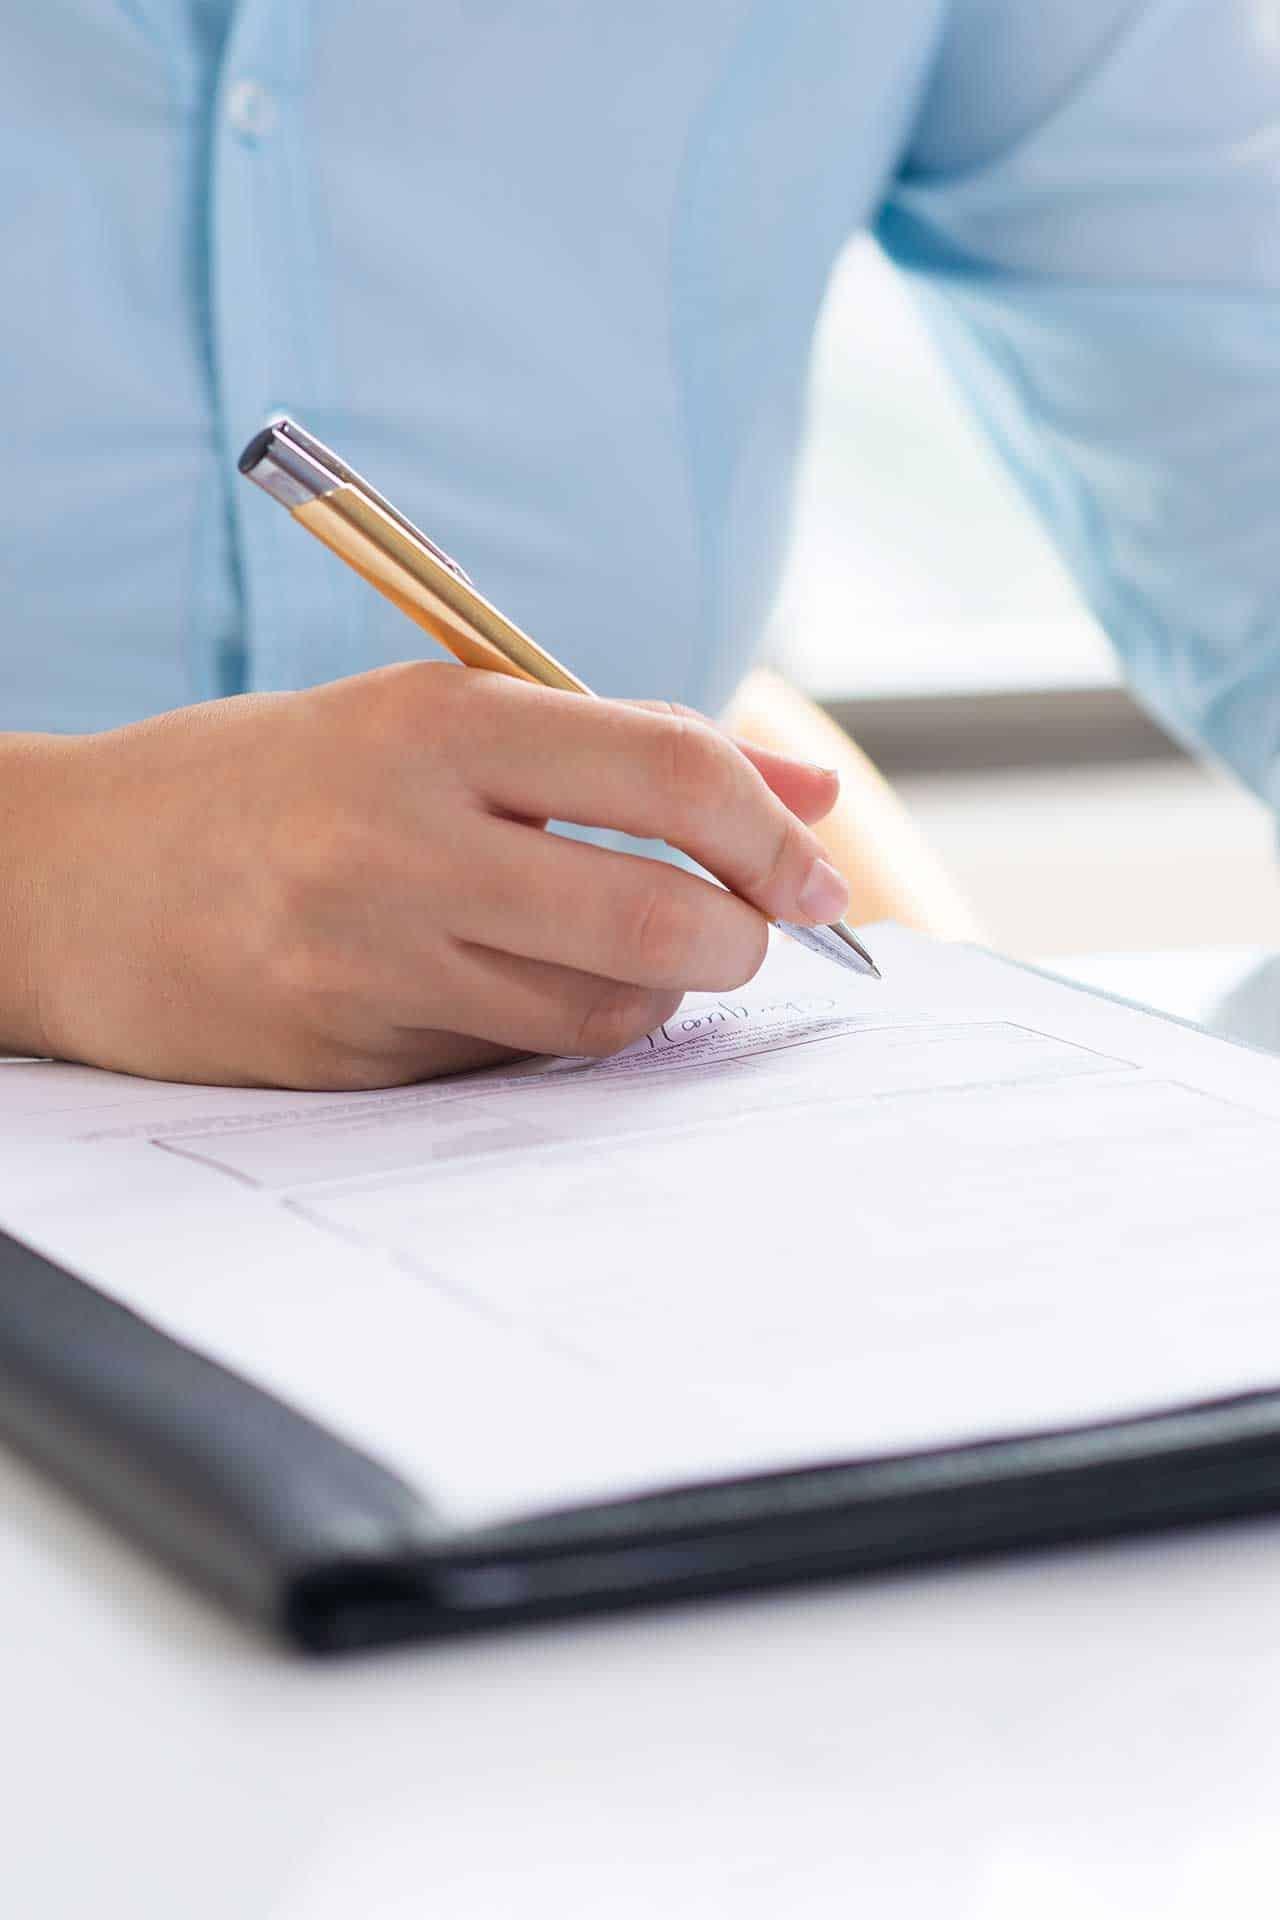 Proofreading: come evitare errori nei tuoi testi con questa strategia in 3 step